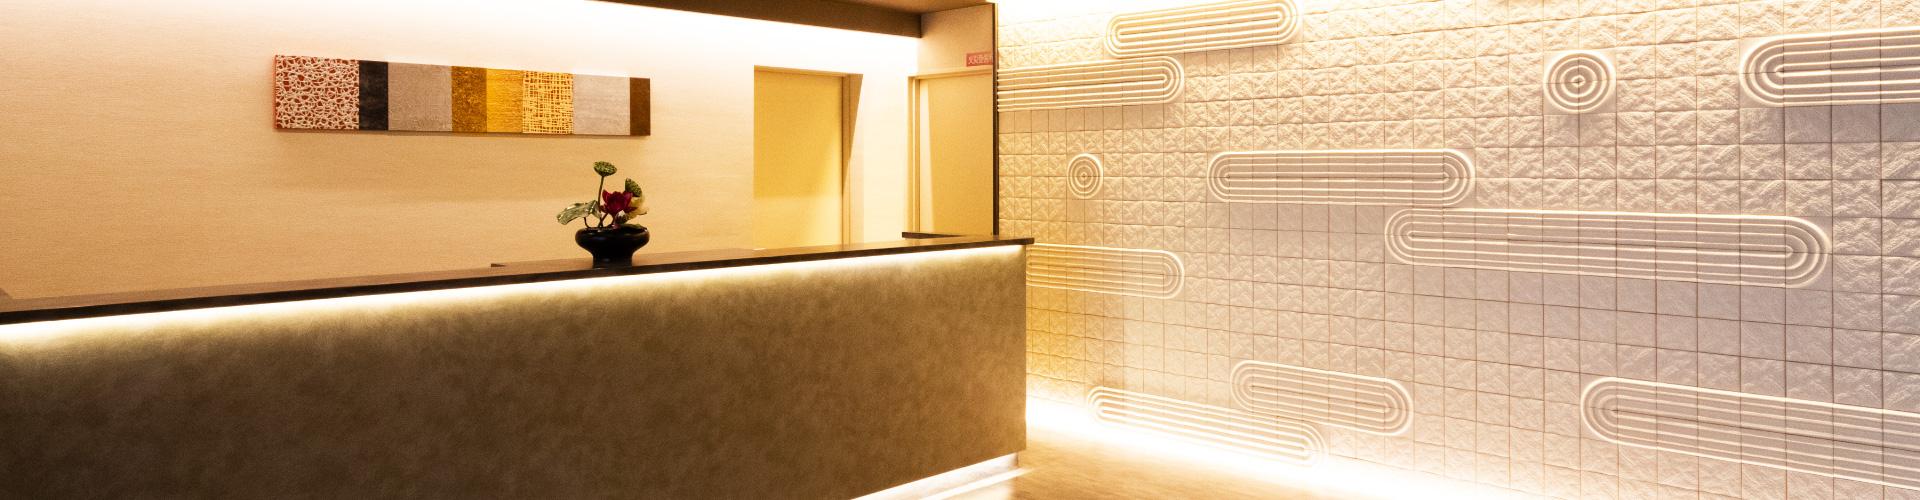 京都クリスタルホテルⅢ - 株式会社リゾートライフ